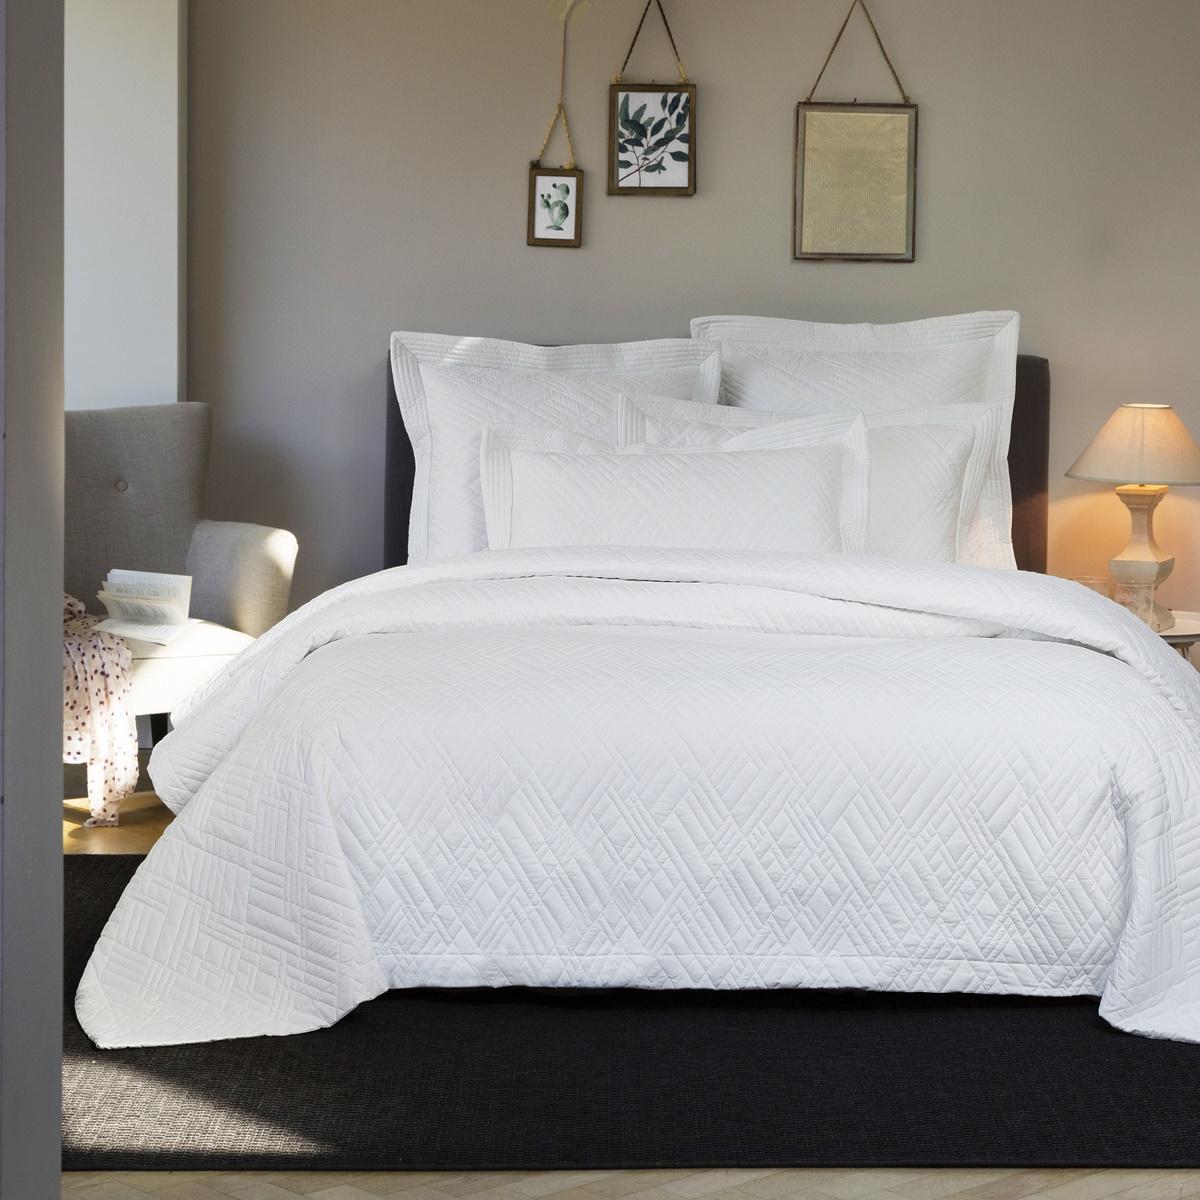 couvre lit verone linge de lit tradition des vosges. Black Bedroom Furniture Sets. Home Design Ideas